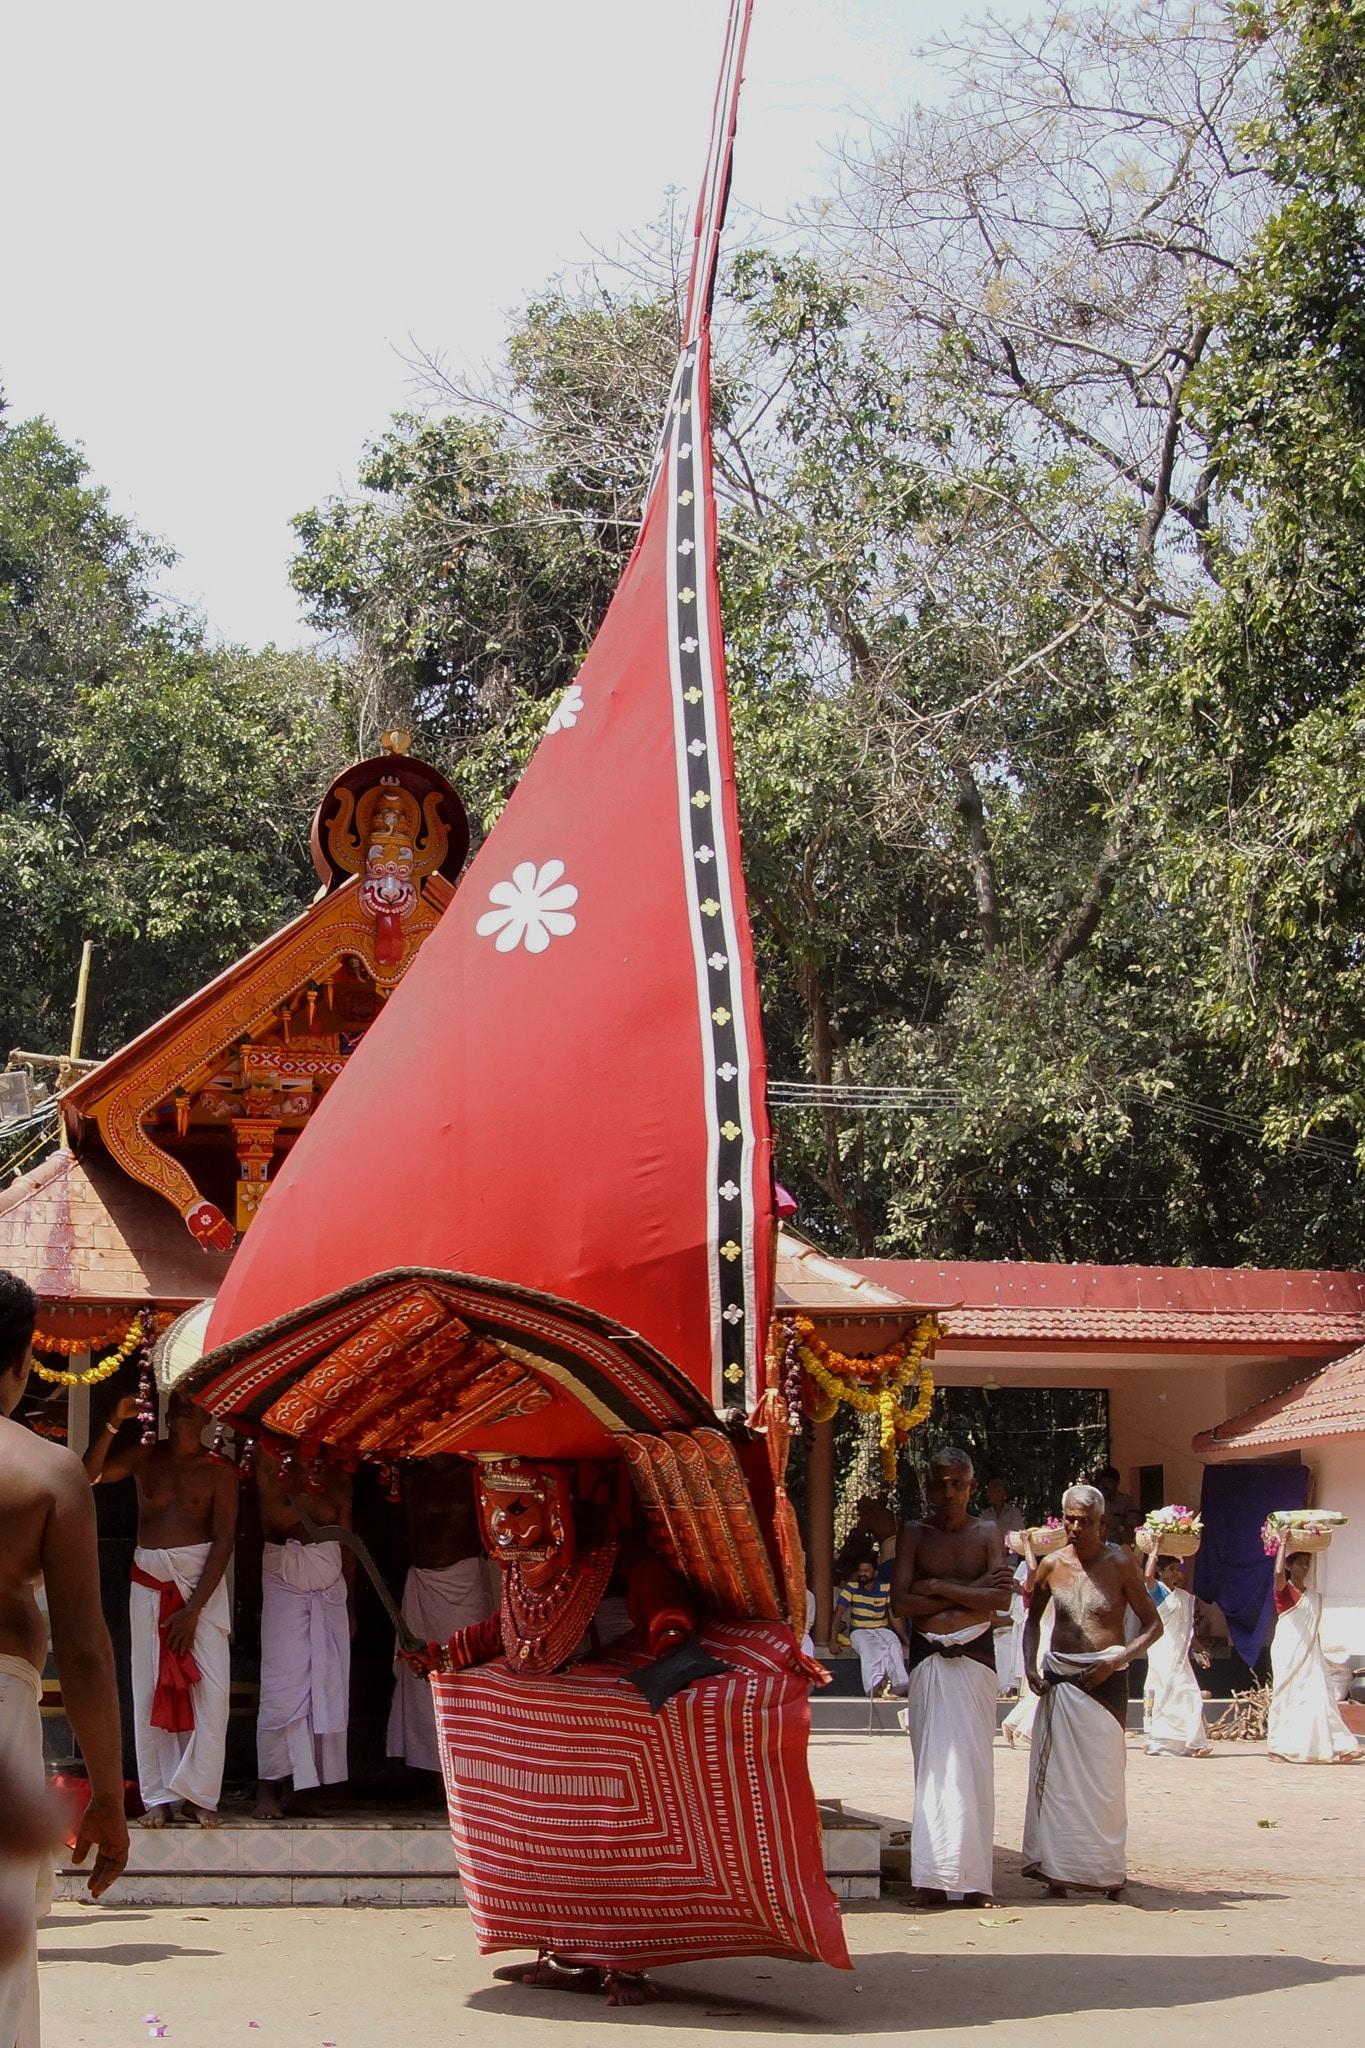 Karakeel bhagavathi de profil - Nileshwaram - rituel du theyyam - Kannur - Malabar